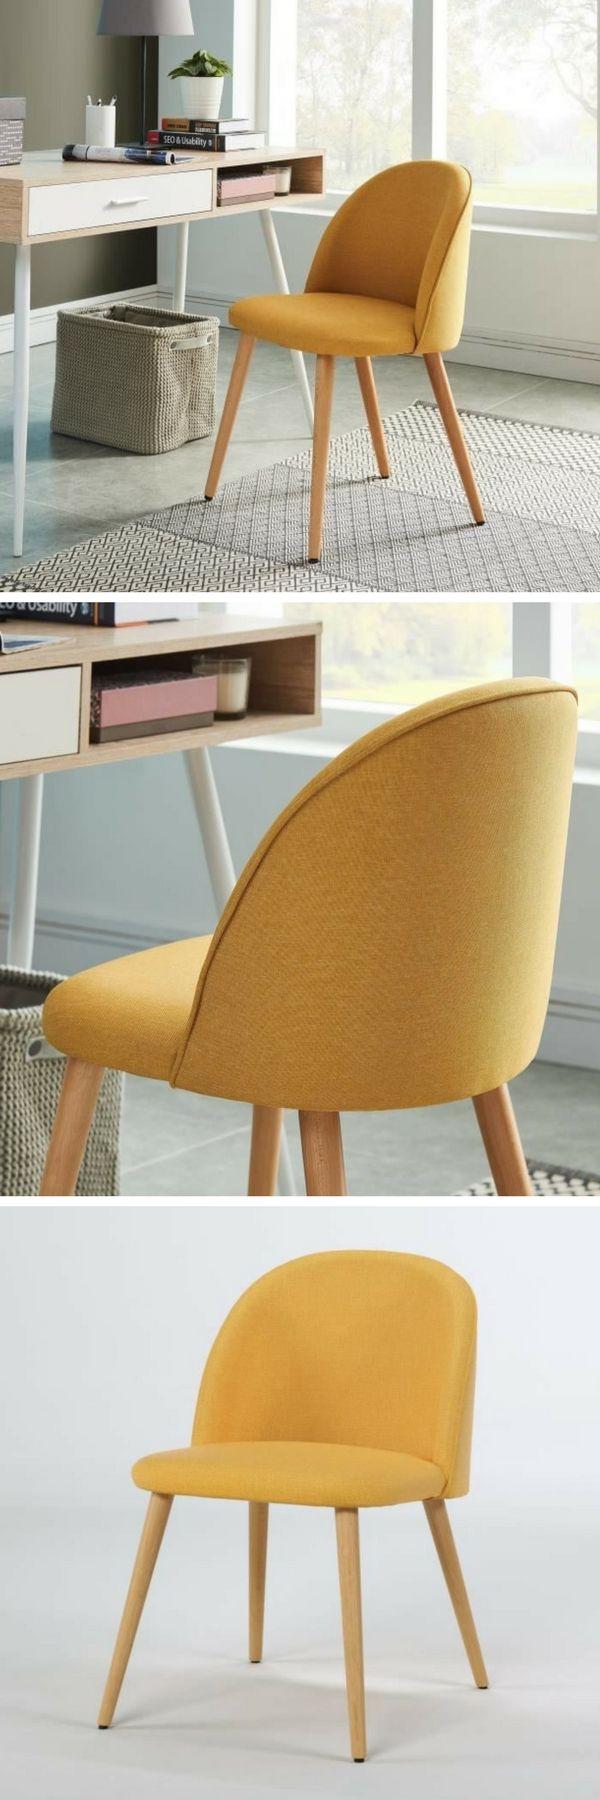 Le Seul Site Dont Vous Avez Besoin Pour Reussir Vos Soldes Mobilier De Salon Chaise Style Scandinave Cdiscount Meuble